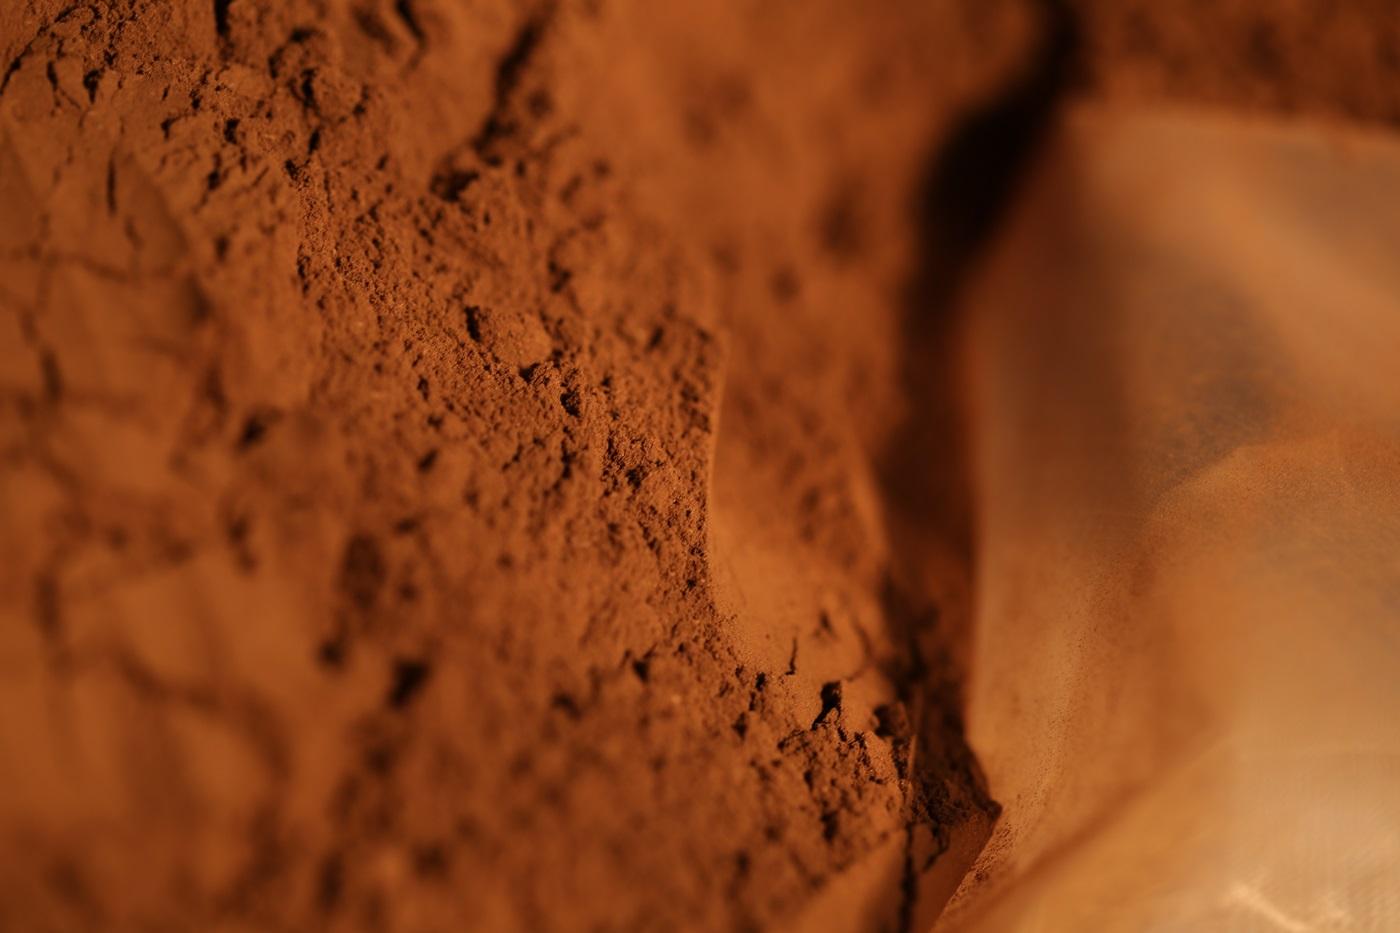 一縷清香 [頂級台灣肖楠 600g易開罐裝] 台灣香 沉香 檀香 富山 如意  印尼 越南 紅土 奇楠 大樹茶